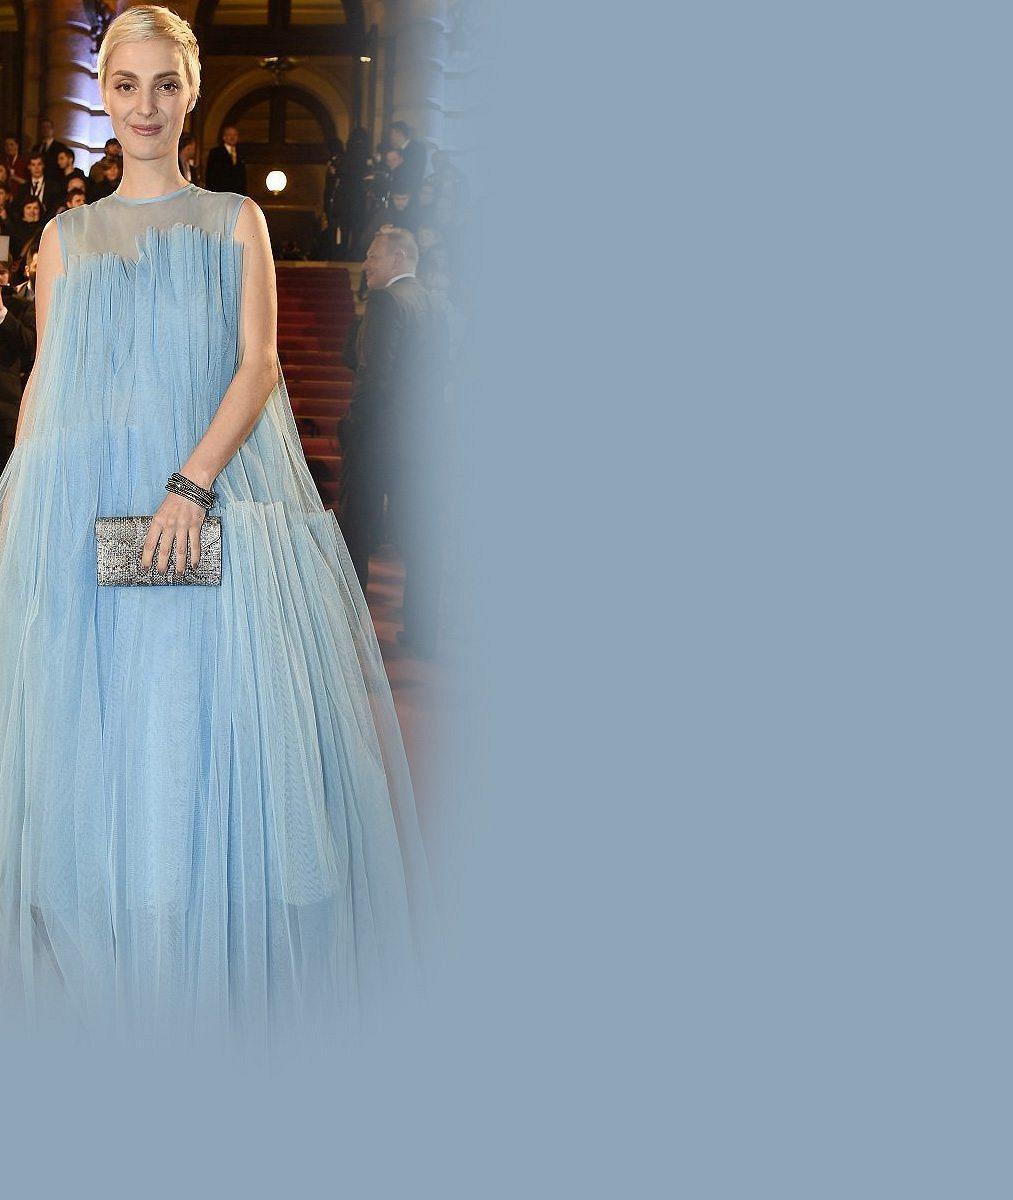 Bára Poláková má doma dalšího Anděla: Na ceremoniál zvolila volné šaty jako na Lvy. Je snad potřetí těhotná?